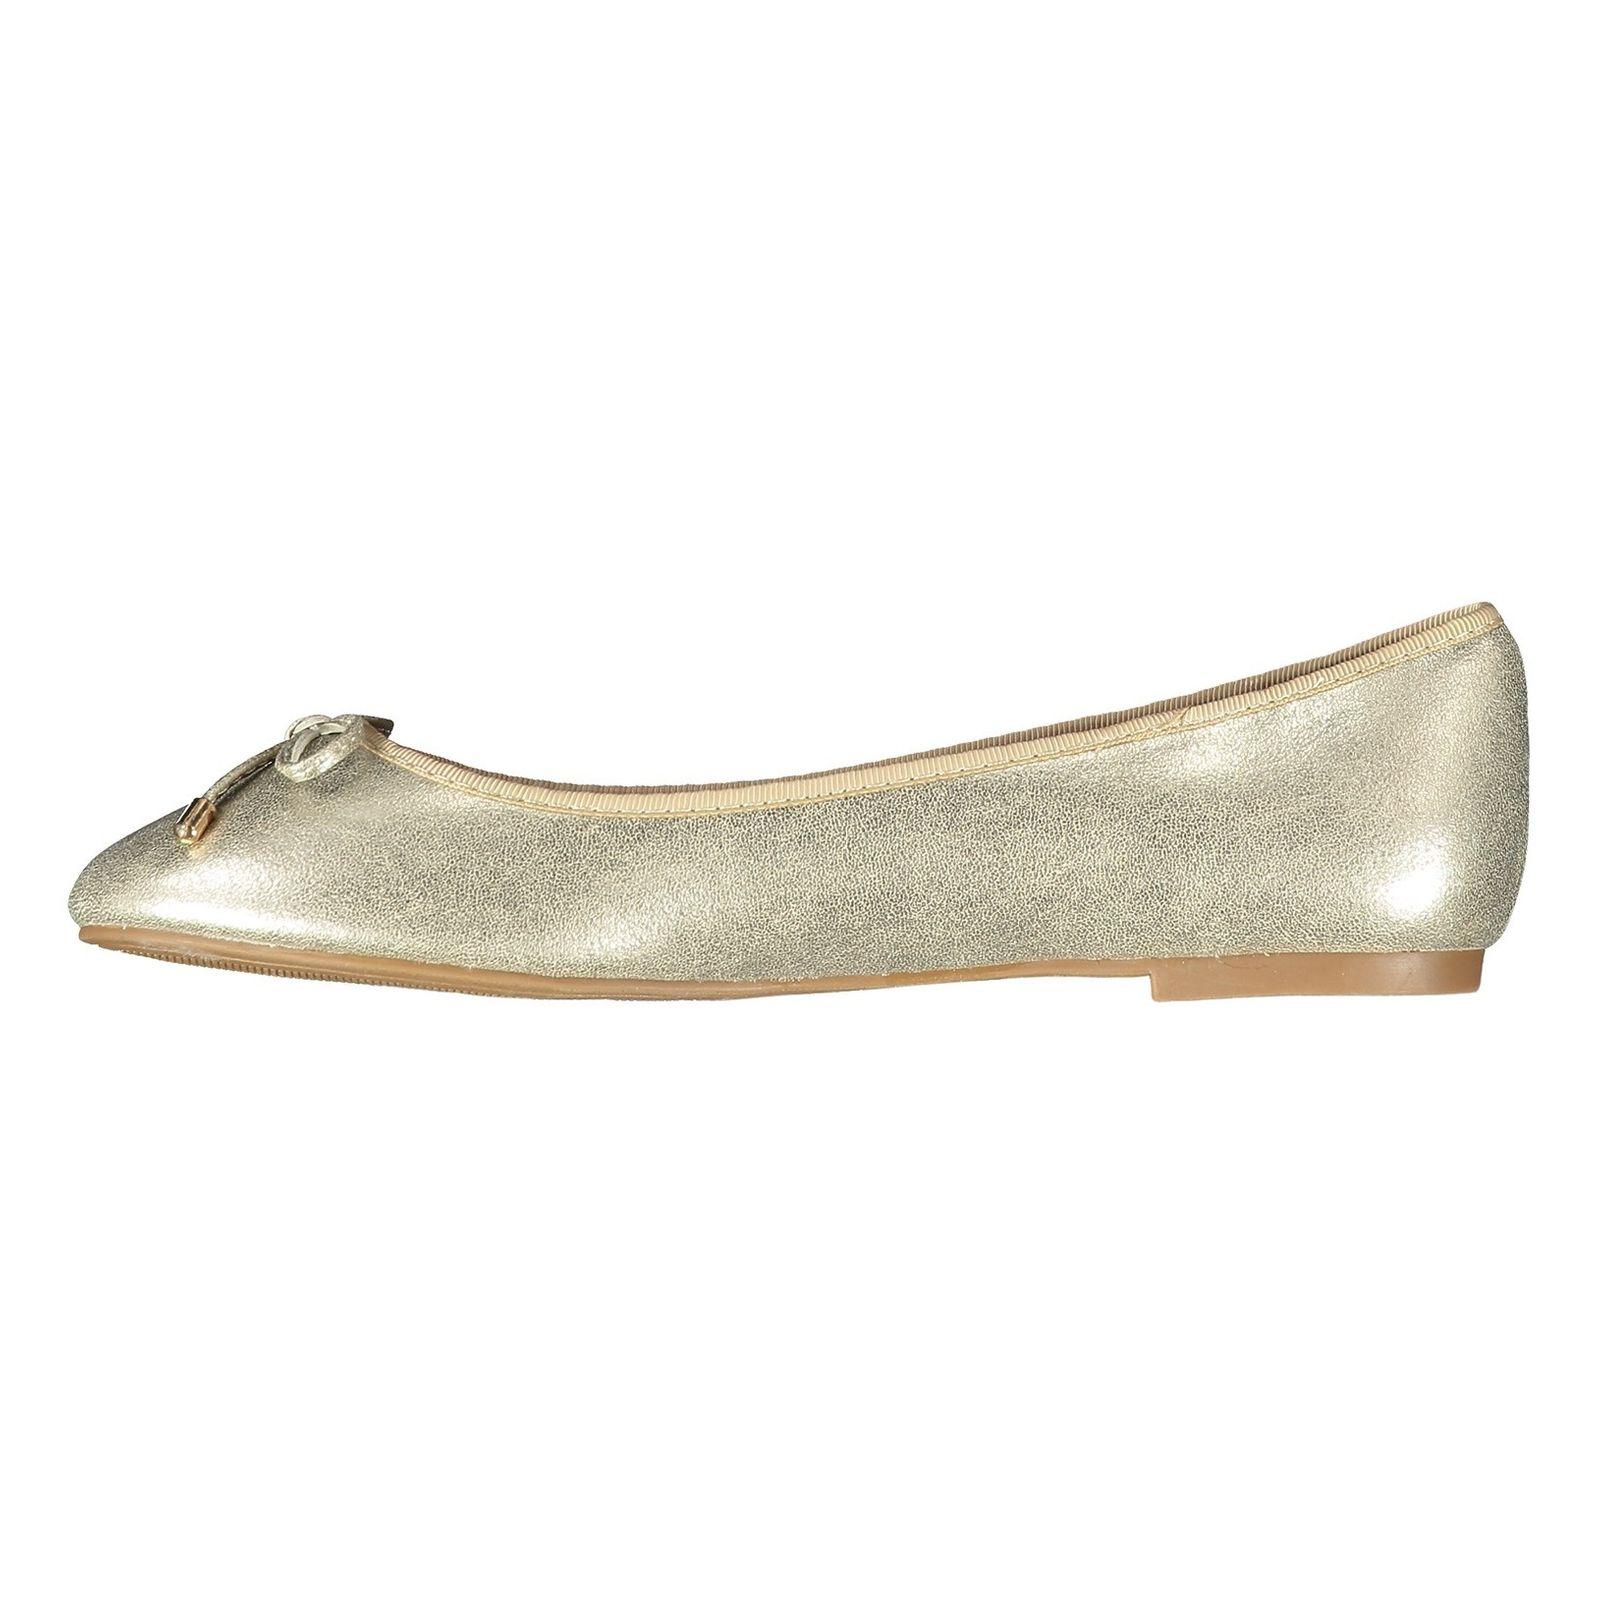 کفش تخت زنانه - پارفوا - طلايي روشن - 3